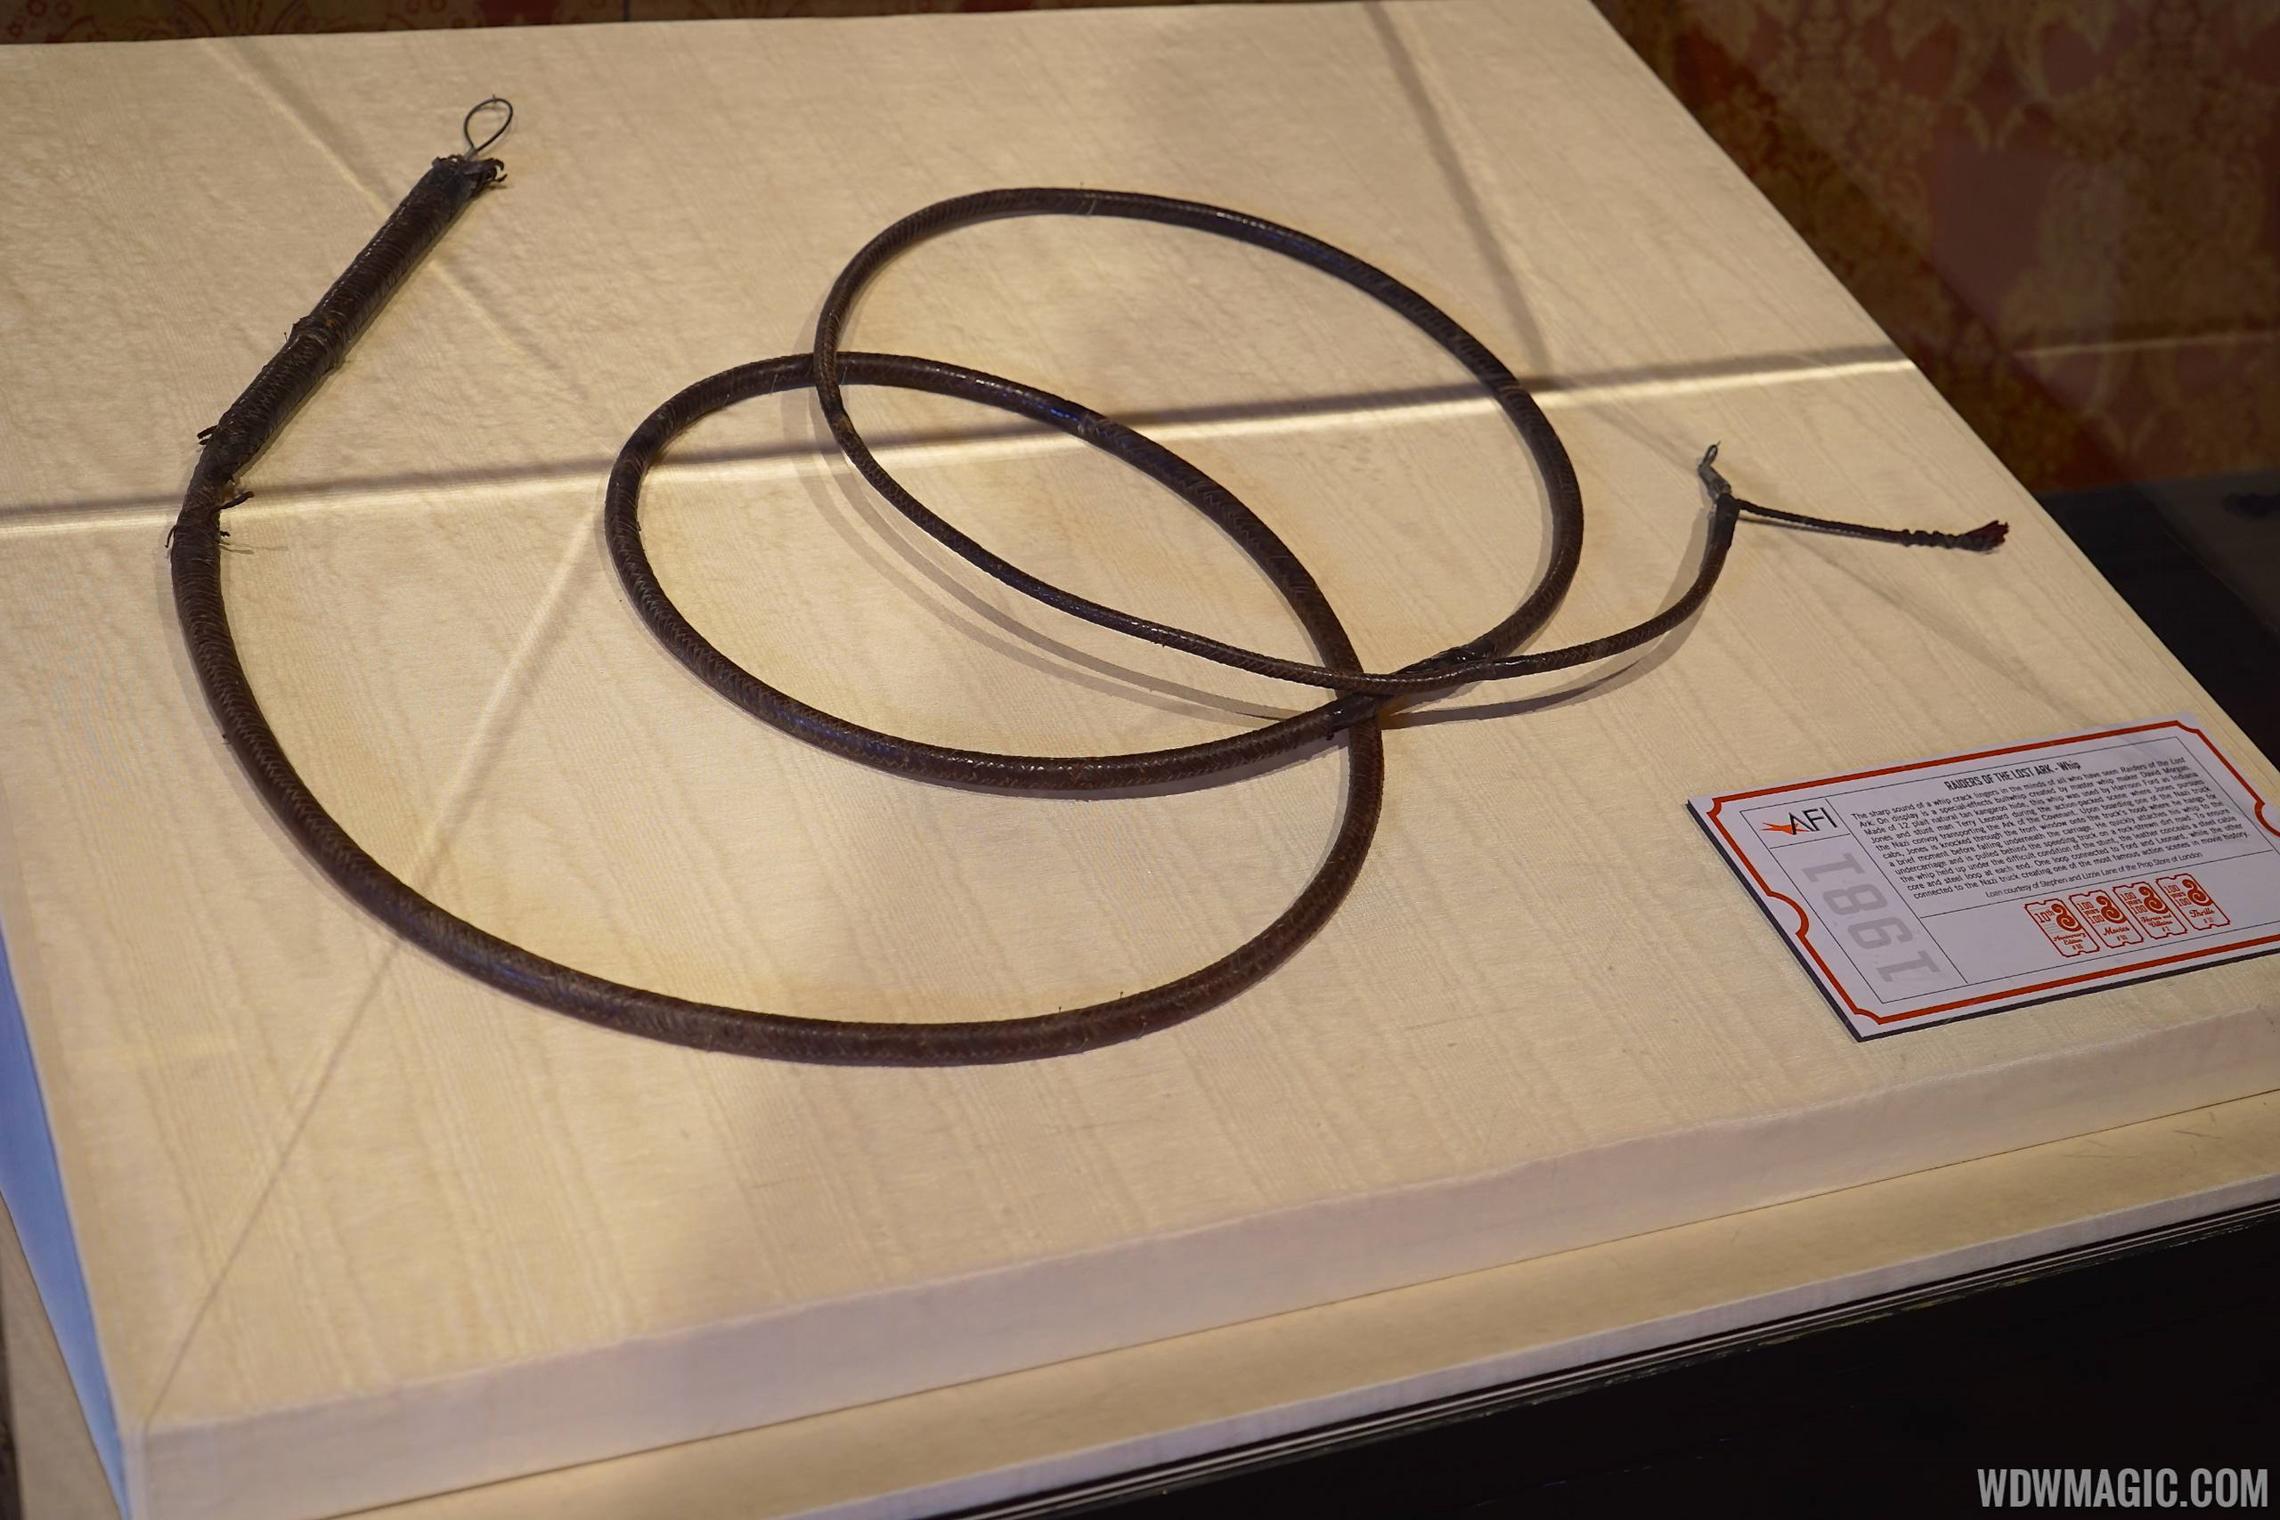 AFI exhibit - Indiana Jones prop